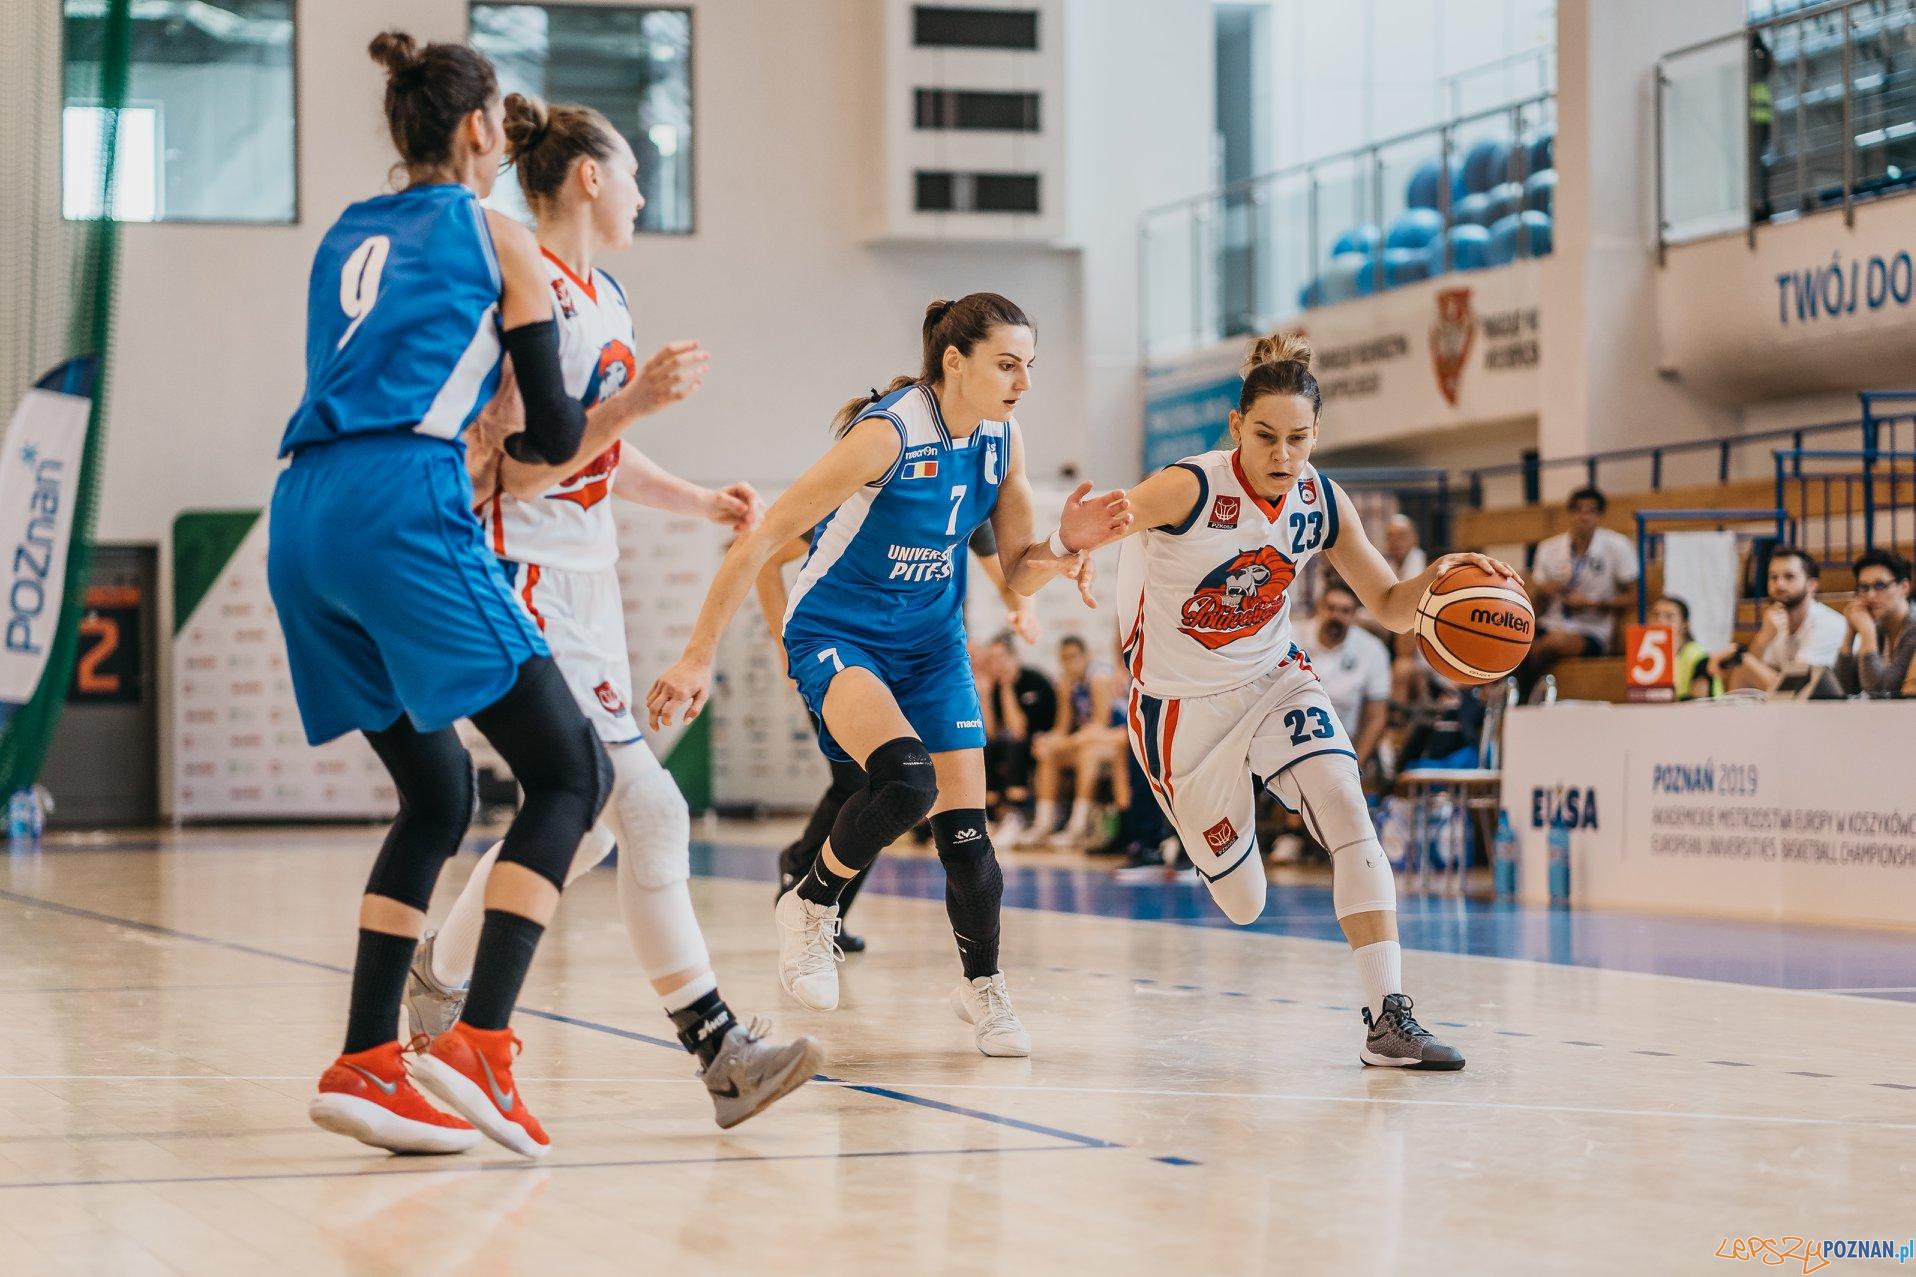 Akademickie Mistrzstwa Europy w Koszykówce  Foto: AZS / materiały prasowe